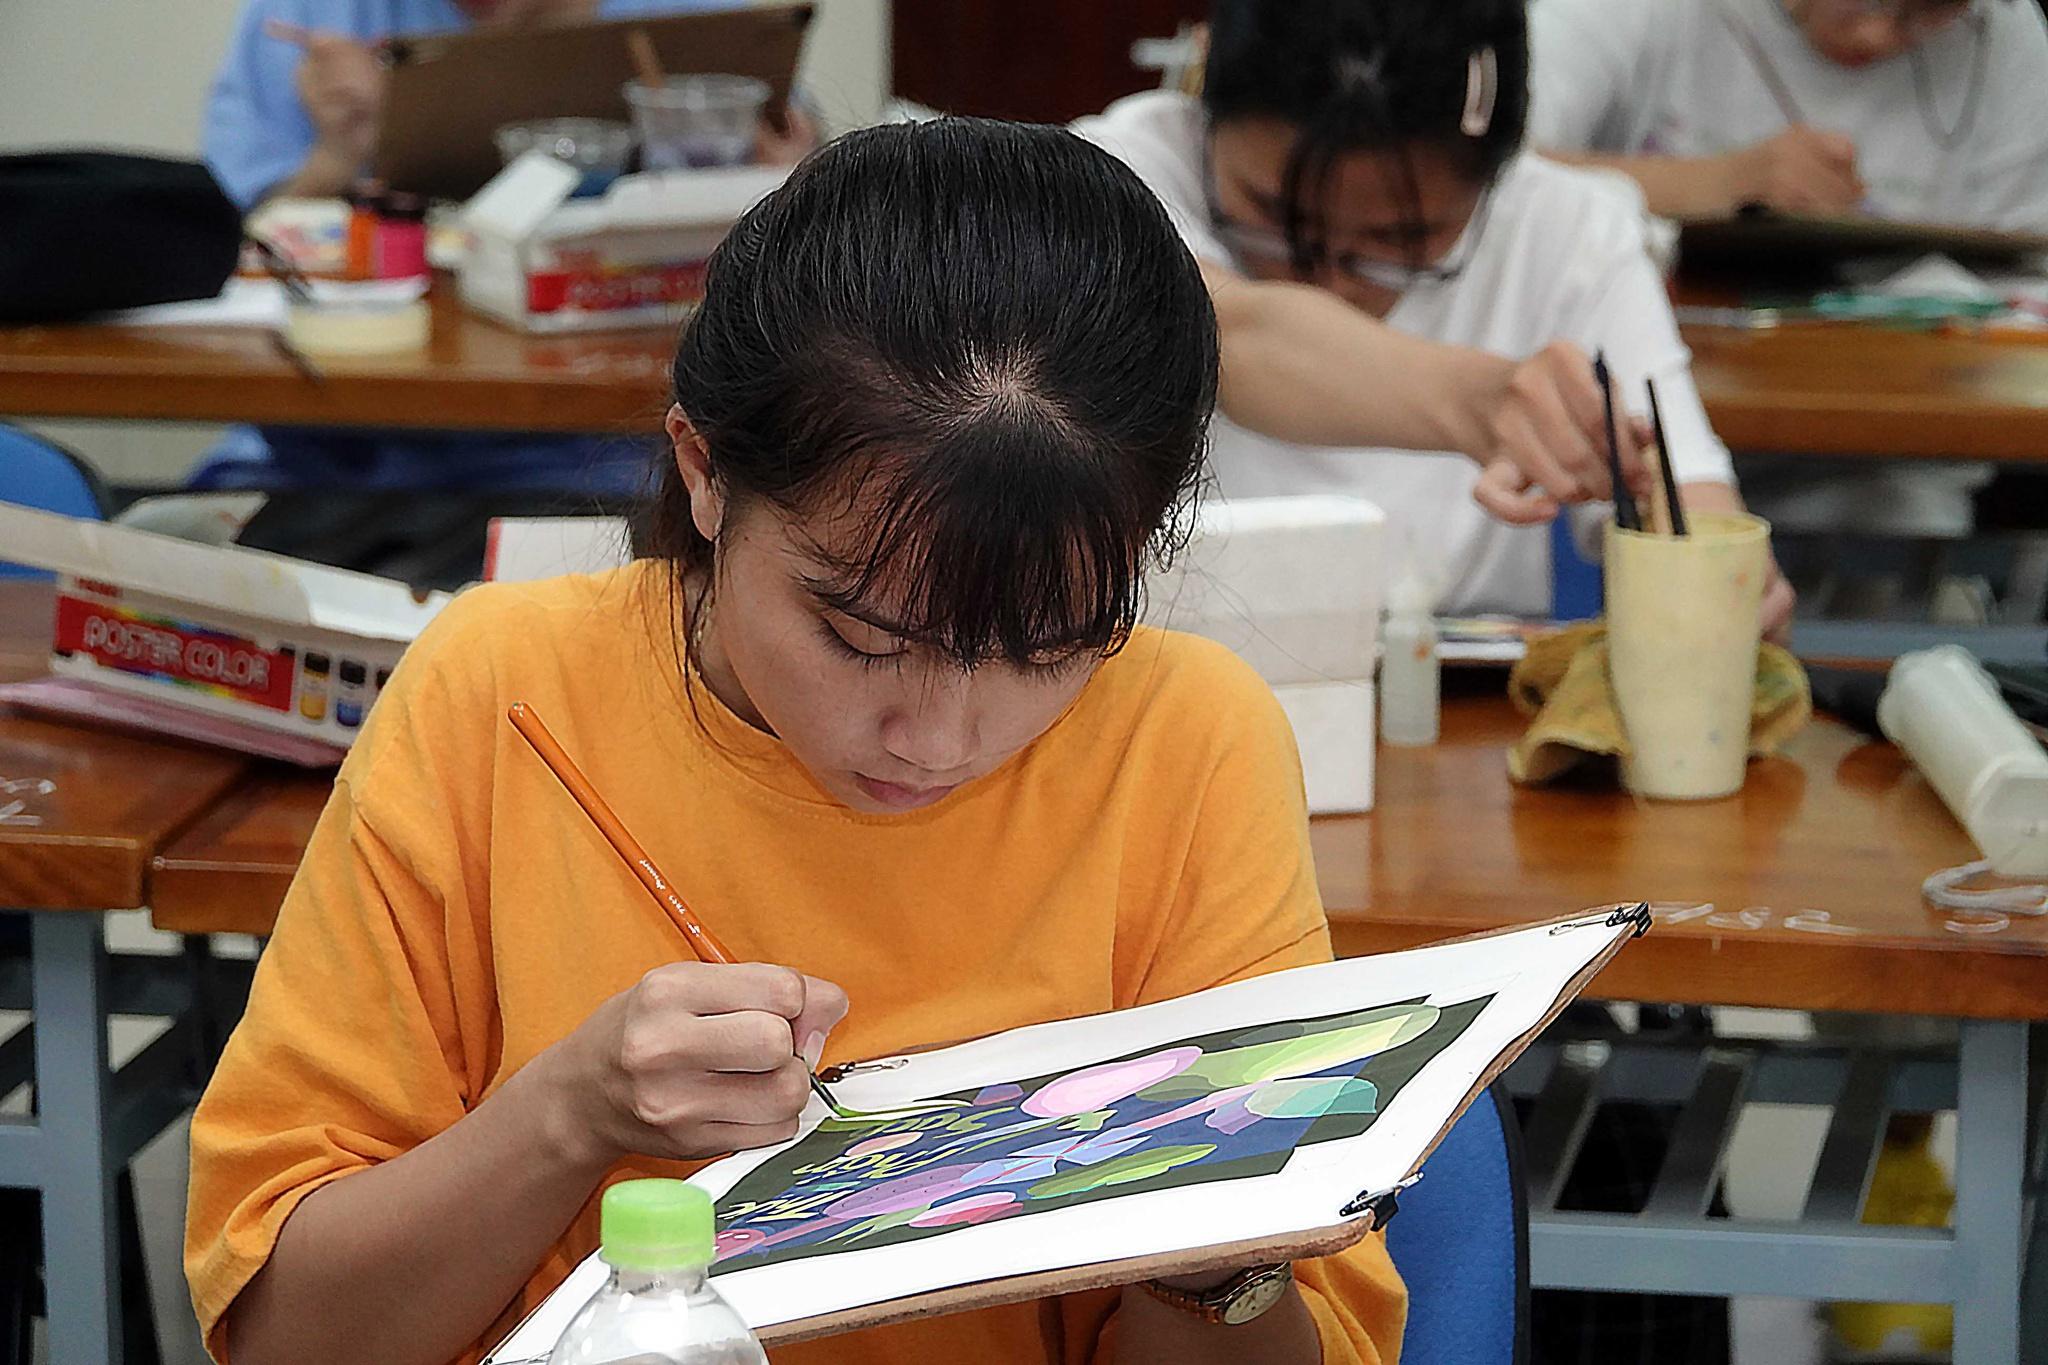 Thí sinh tham gia thi năng khiếu tại Trường ĐH Kiến trúc TP.HCM trong các kỳ tuyển sinh trước /// Đào Ngọc Thạch